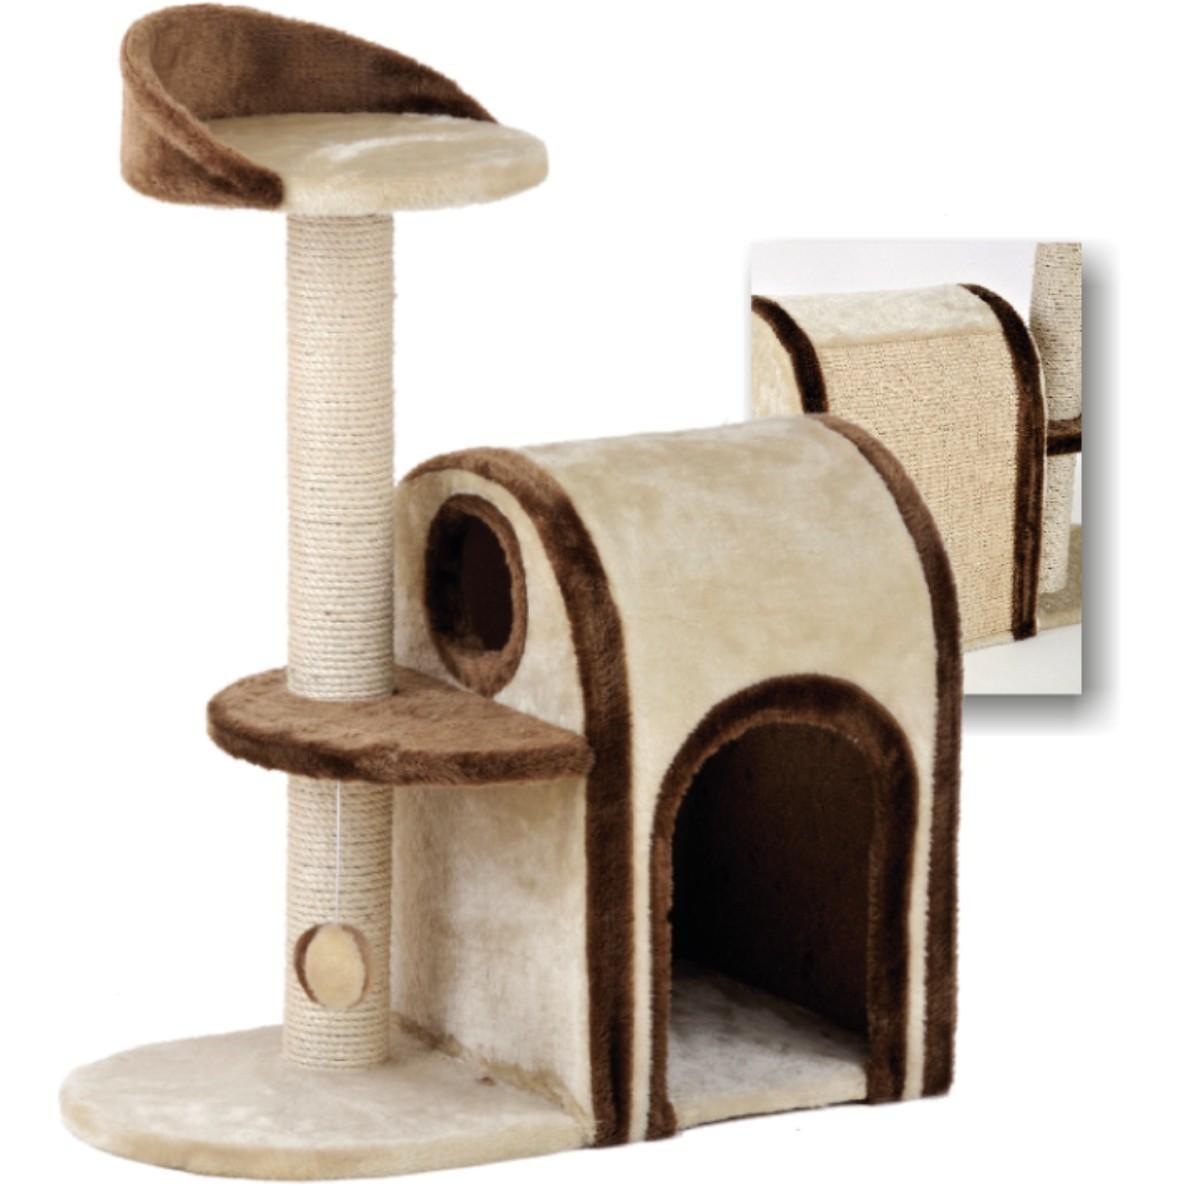 katzenbaum winnie 65x37x81cm beige braun sisal pl sch kratzbaum kletterbaum. Black Bedroom Furniture Sets. Home Design Ideas